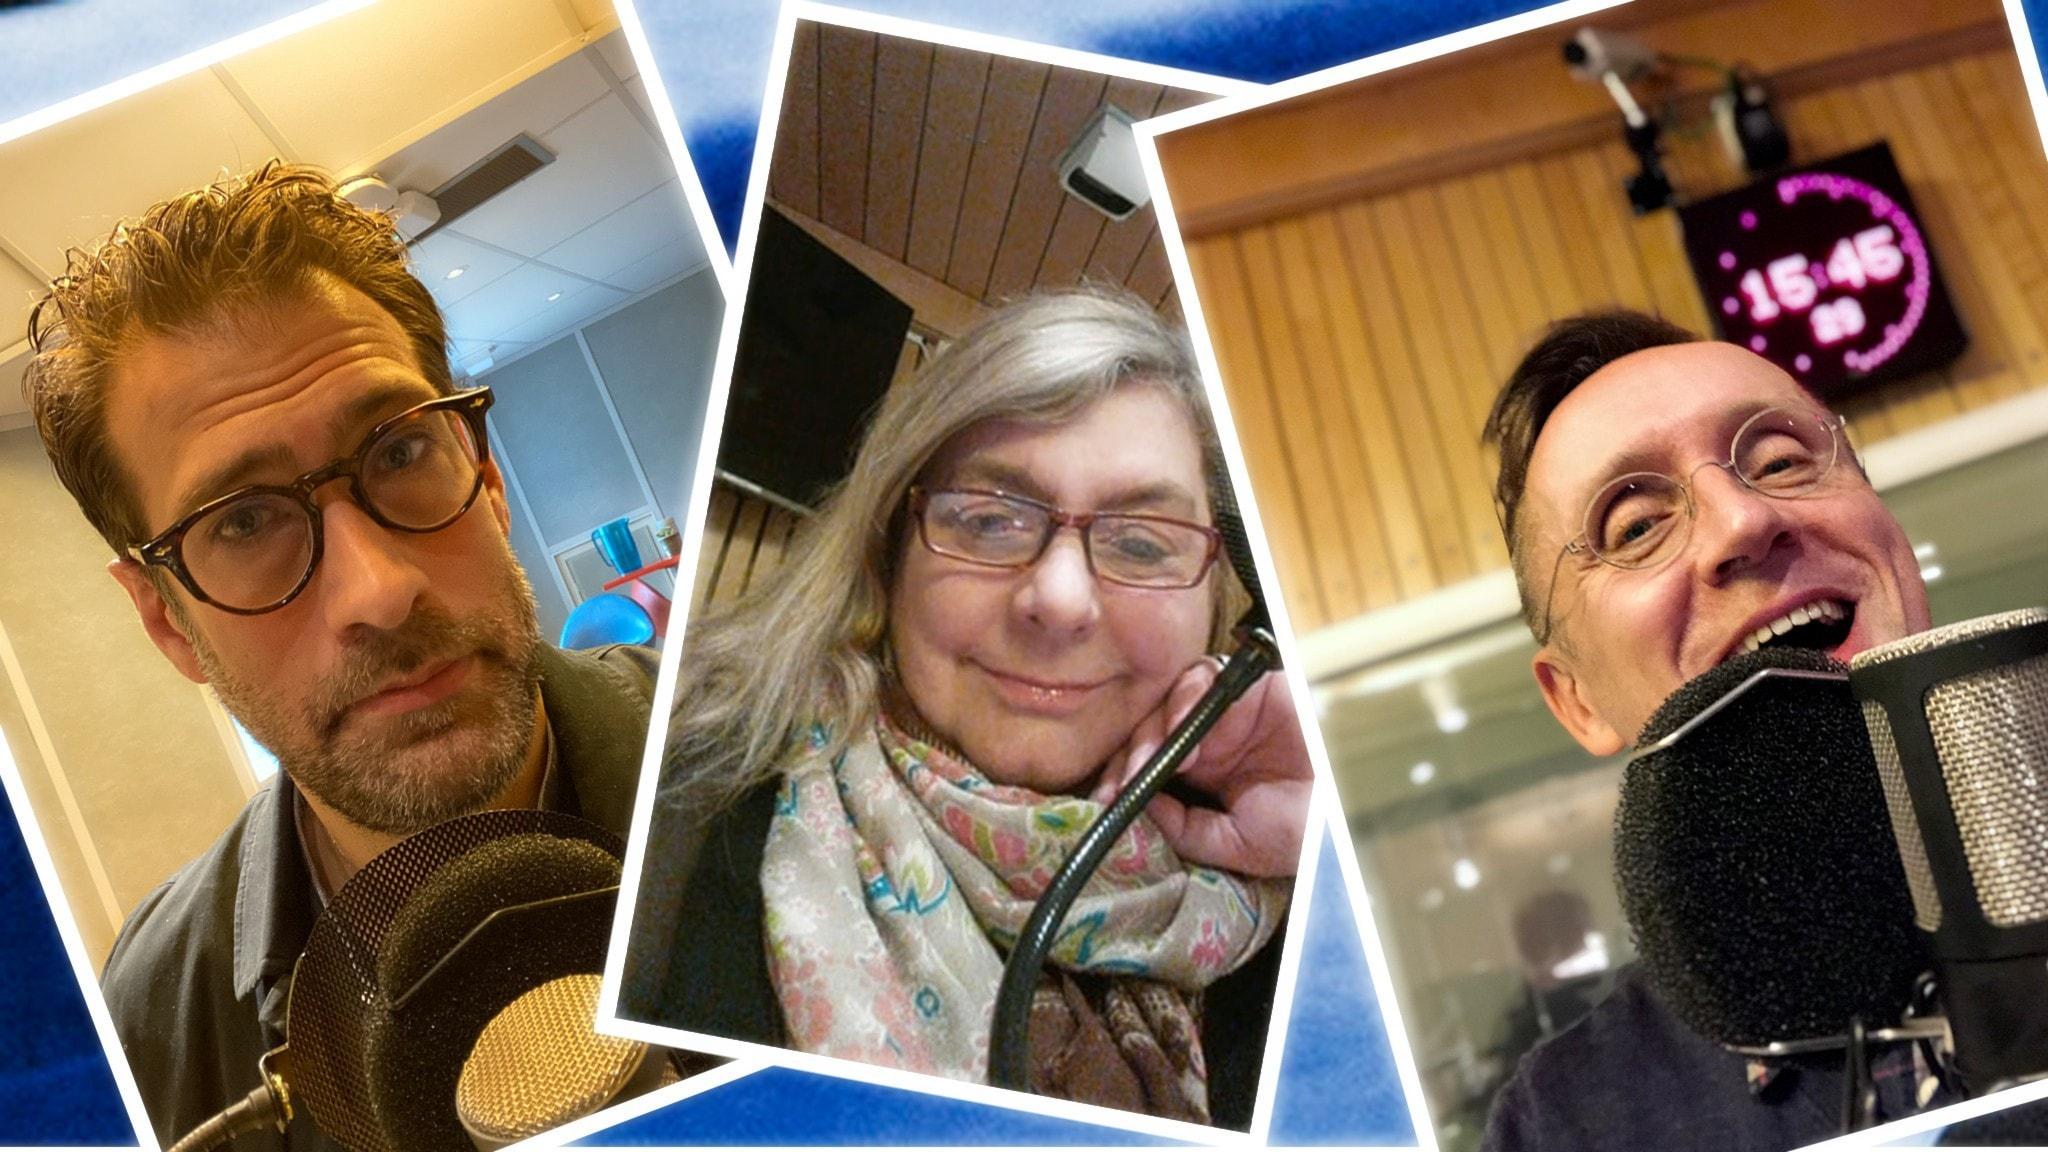 Spanarna i studion 1 maj Niklas Källner, Annika Sundberg och Göran Everdahl är veckans Spanare